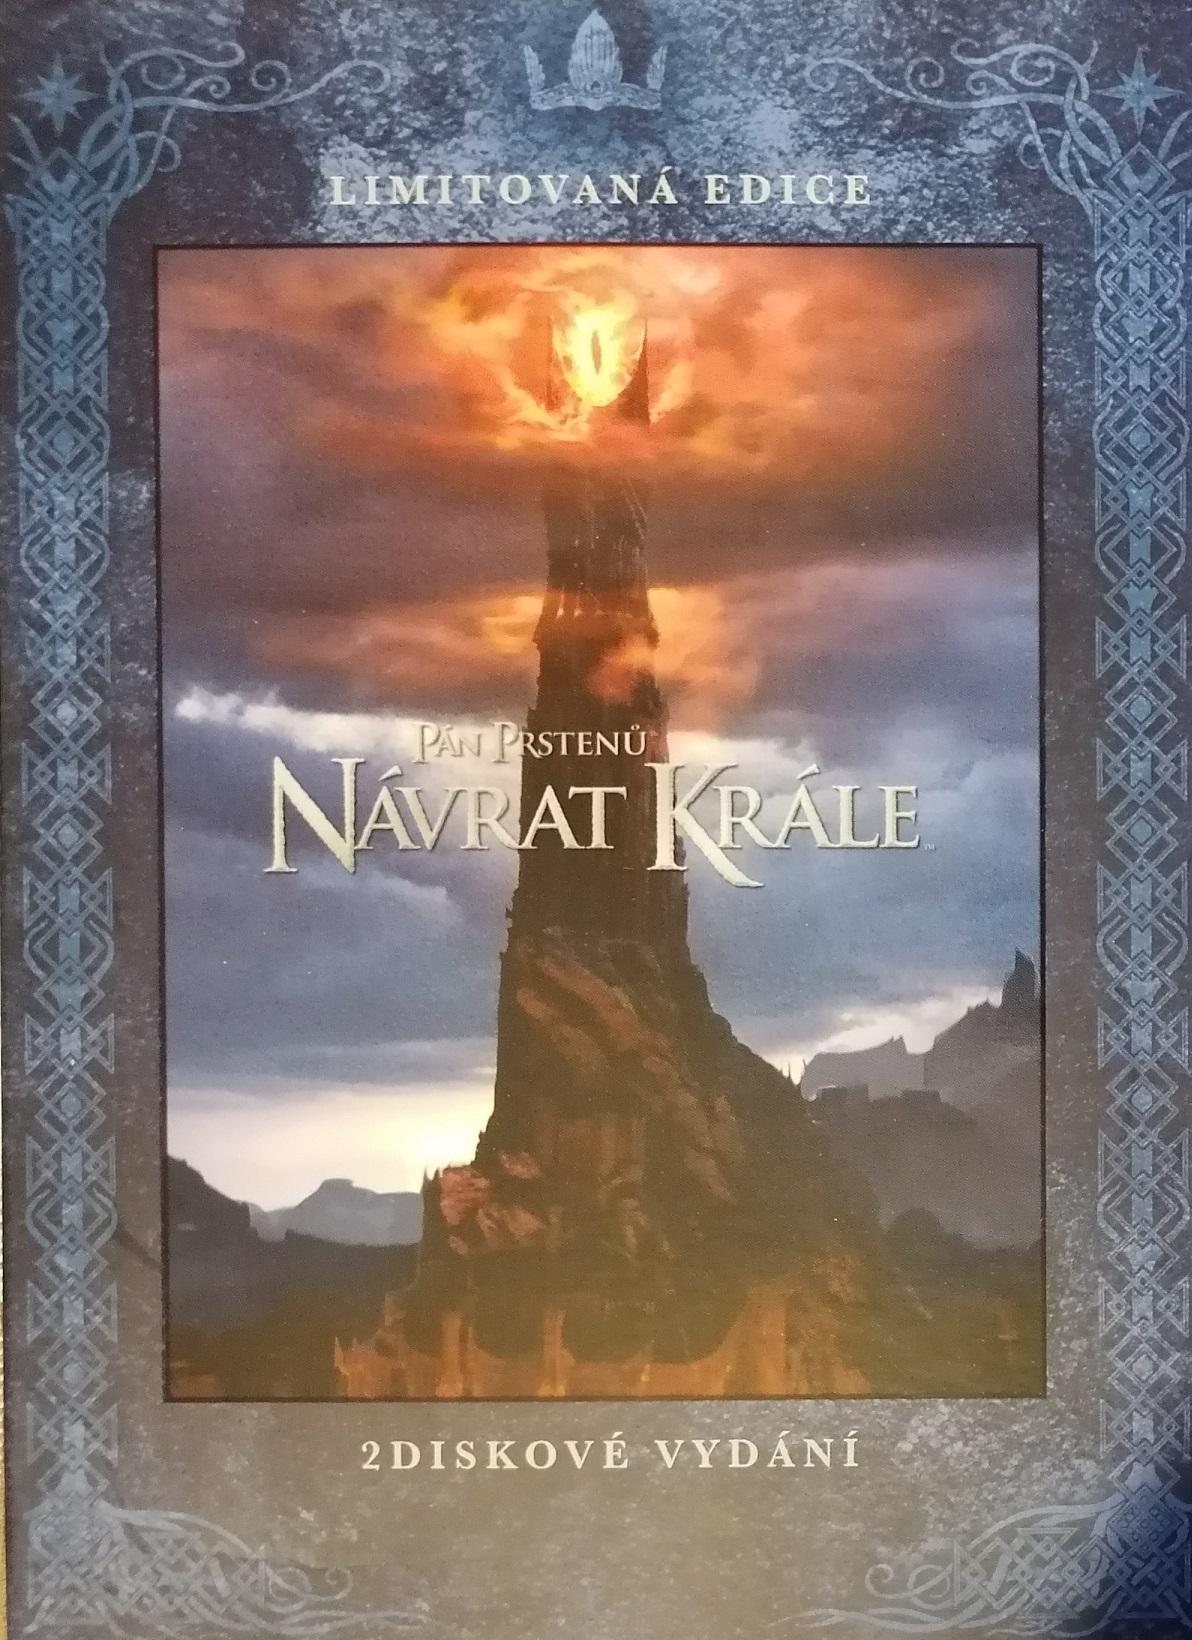 Pán prstenů -Návrat krále - 2 DVD plast